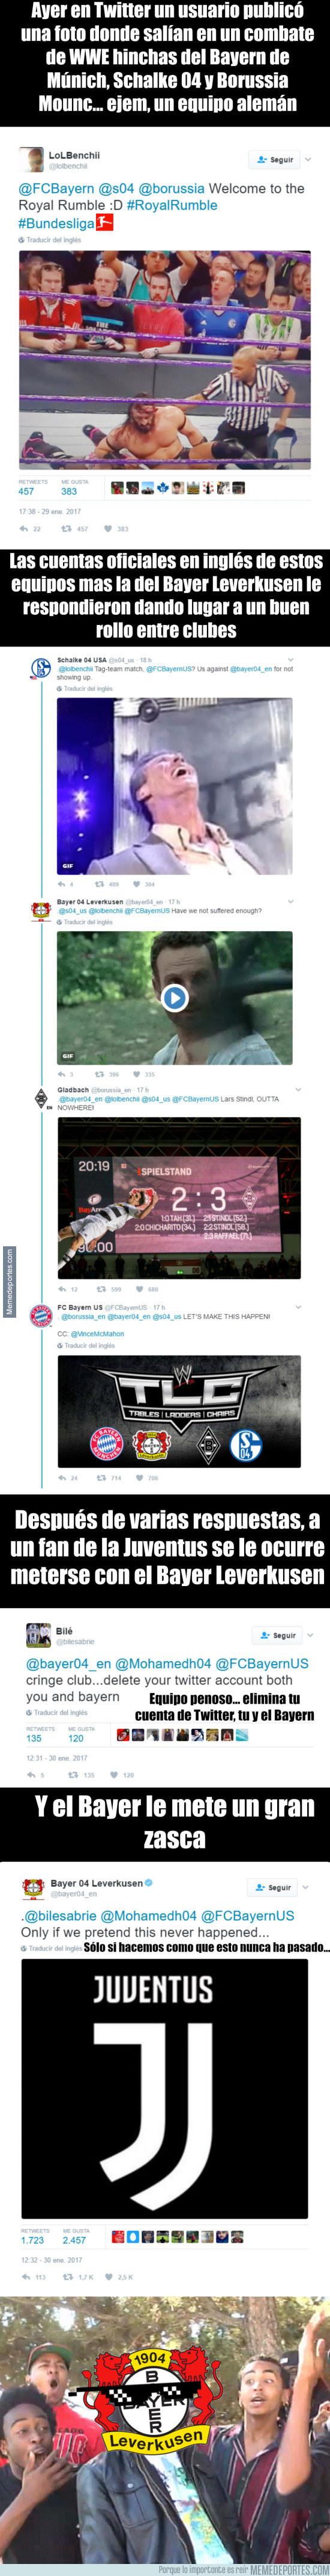 944356 - El tremendo zasca del Bayer Leverkusen a un fan de la Juventus muy bocazas